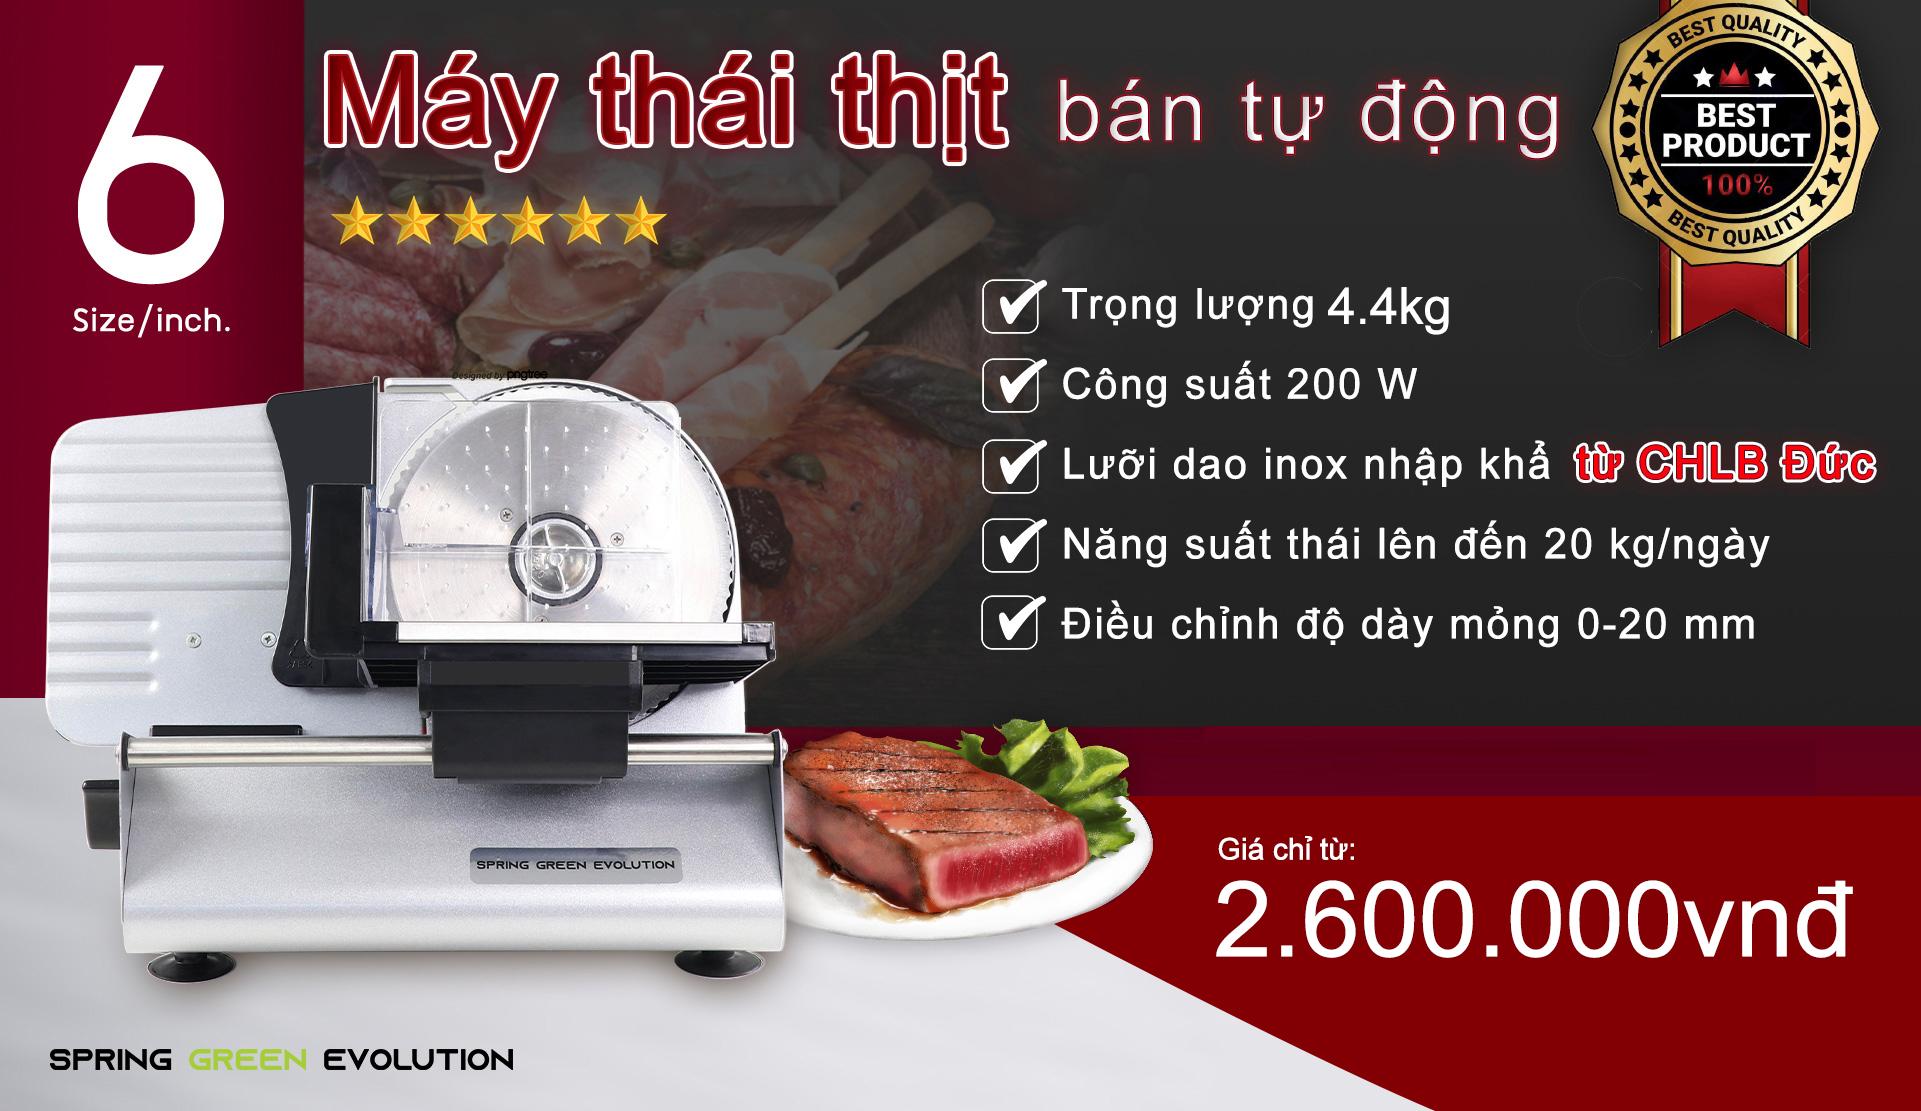 Máy thái thịt bán tự động MS6